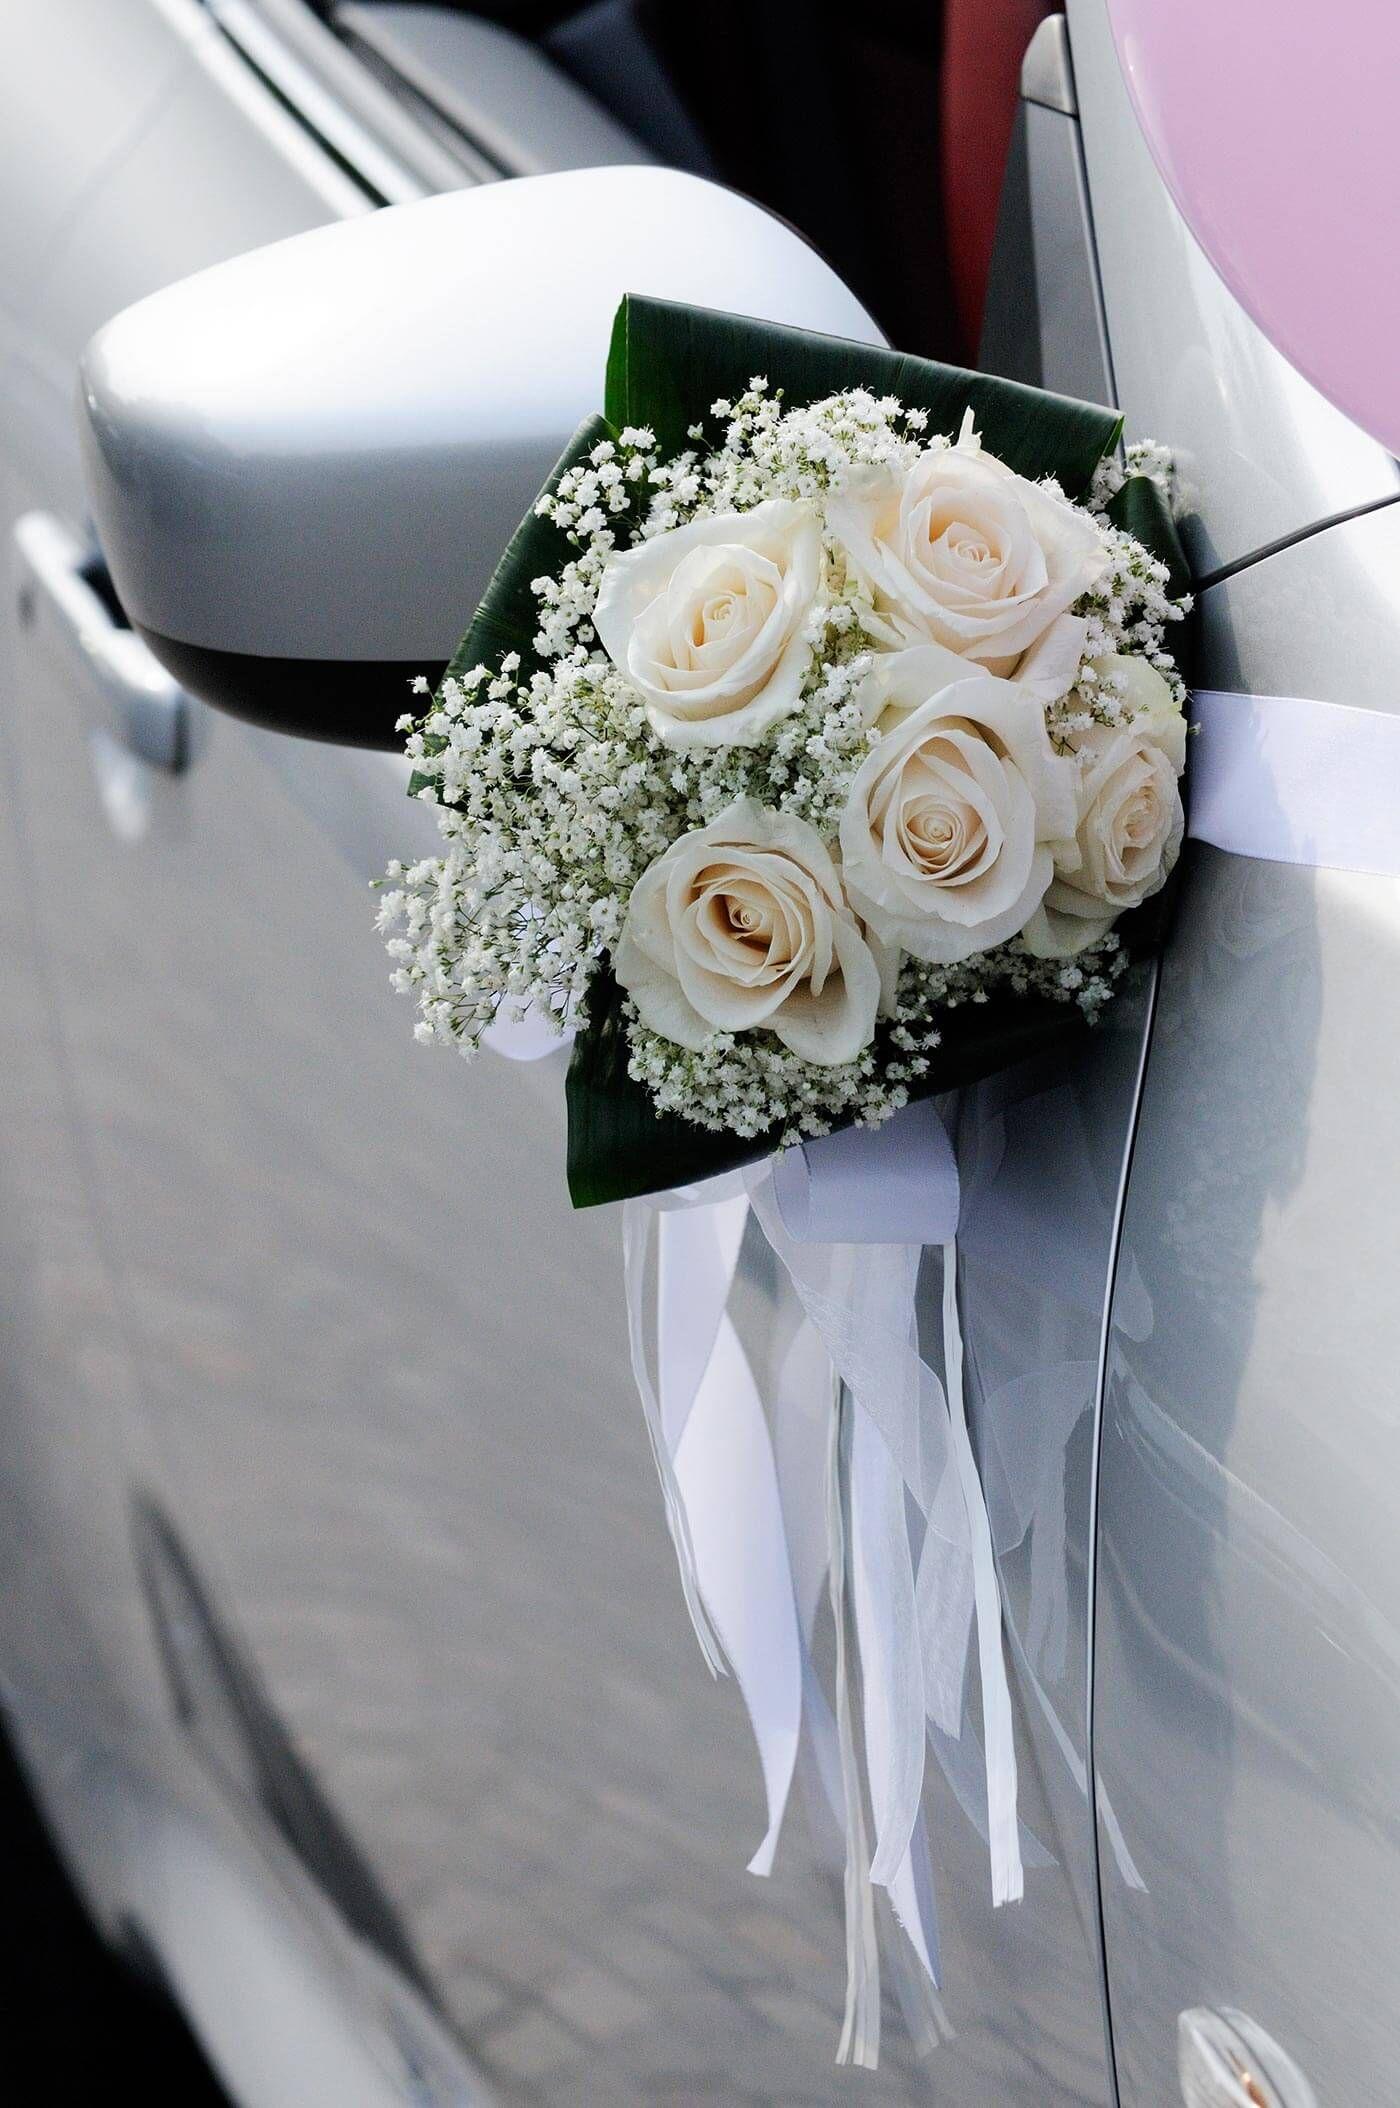 Autoschmuck Hochzeitsgaste Grosse Bildergalerie Autoschmuck Hochzeit Autodeko Hochzeit Hochzeit Auto